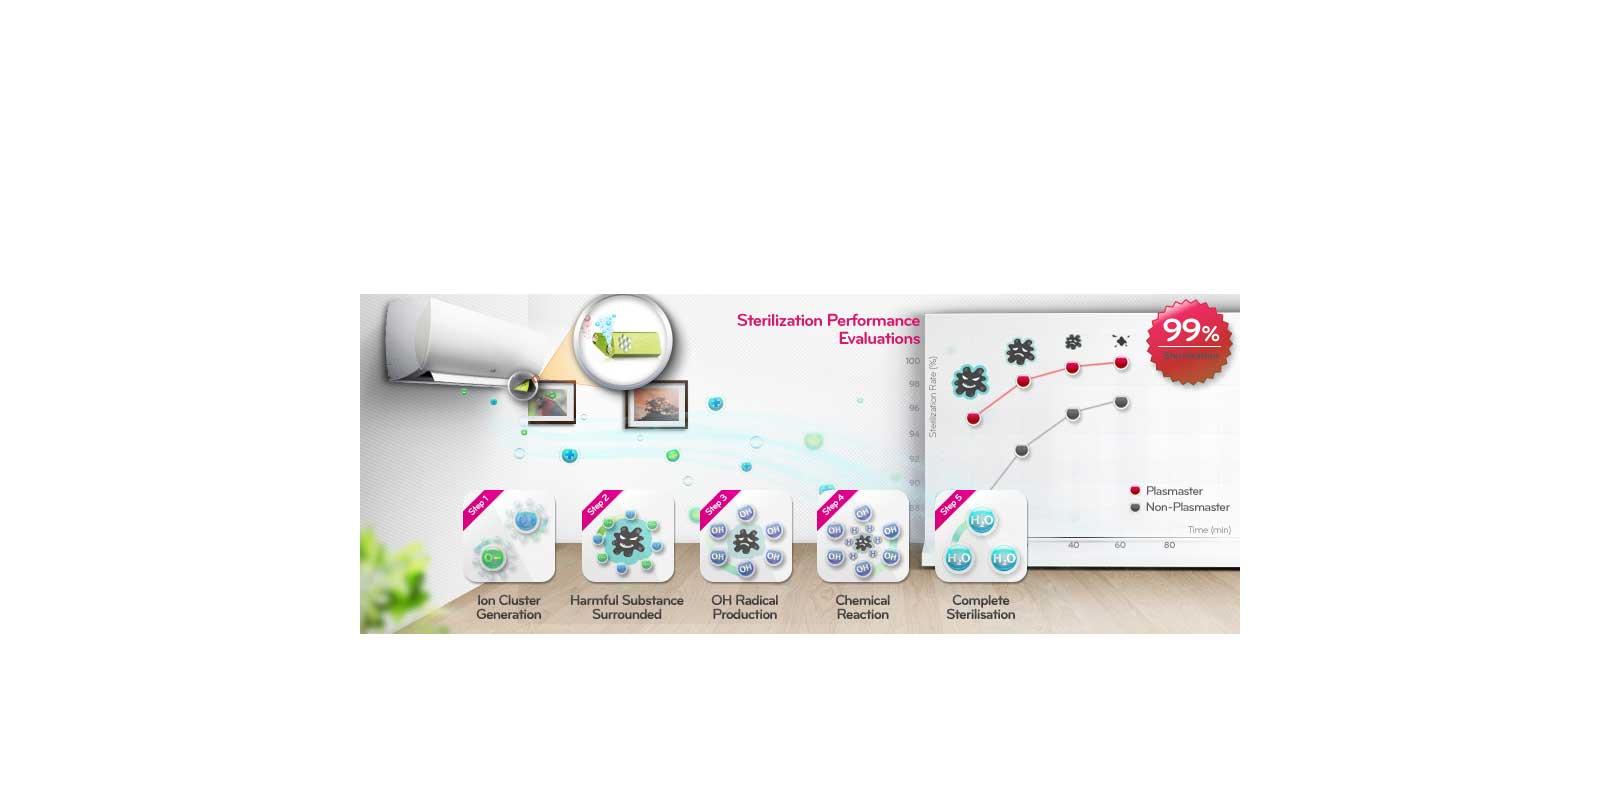 Plasmaster Ionizer